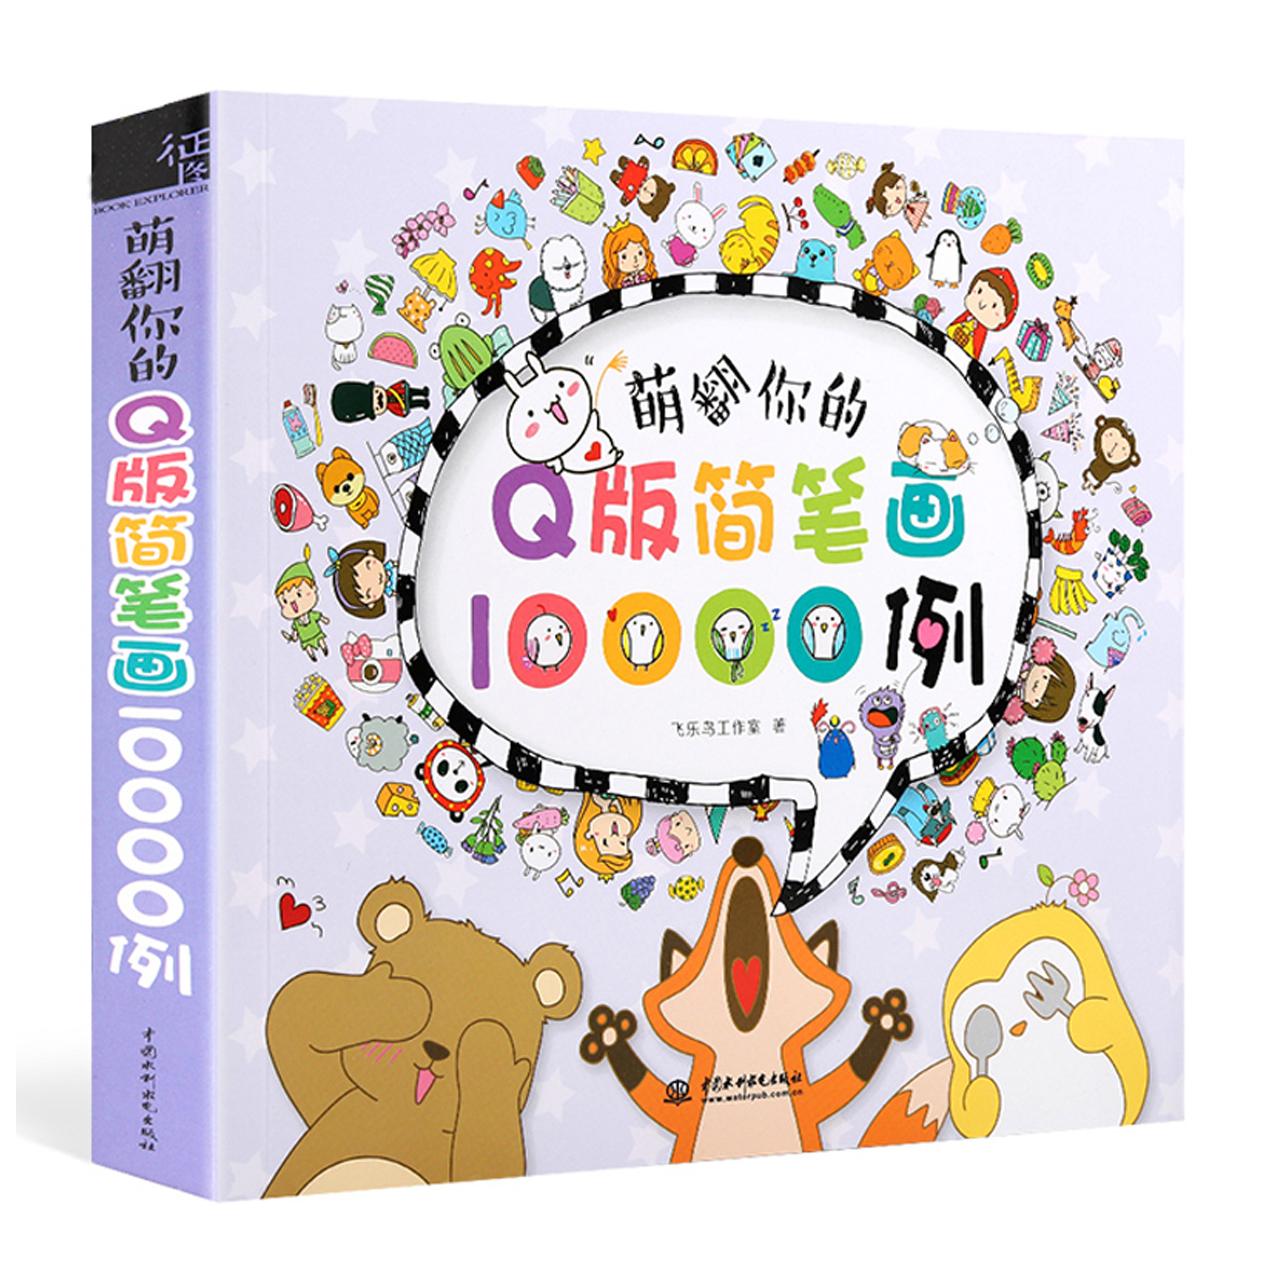 萌翻你的Q版简笔画10000例【儿童绘画/绘画基础/简单绘画】